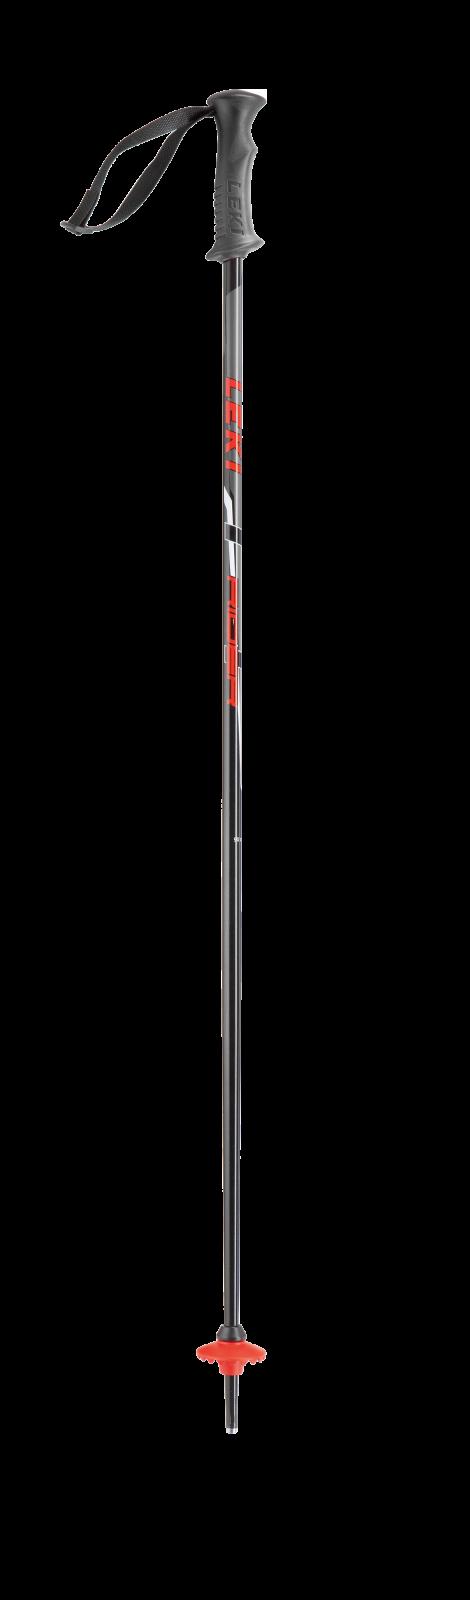 LEKI JR Rider Pole